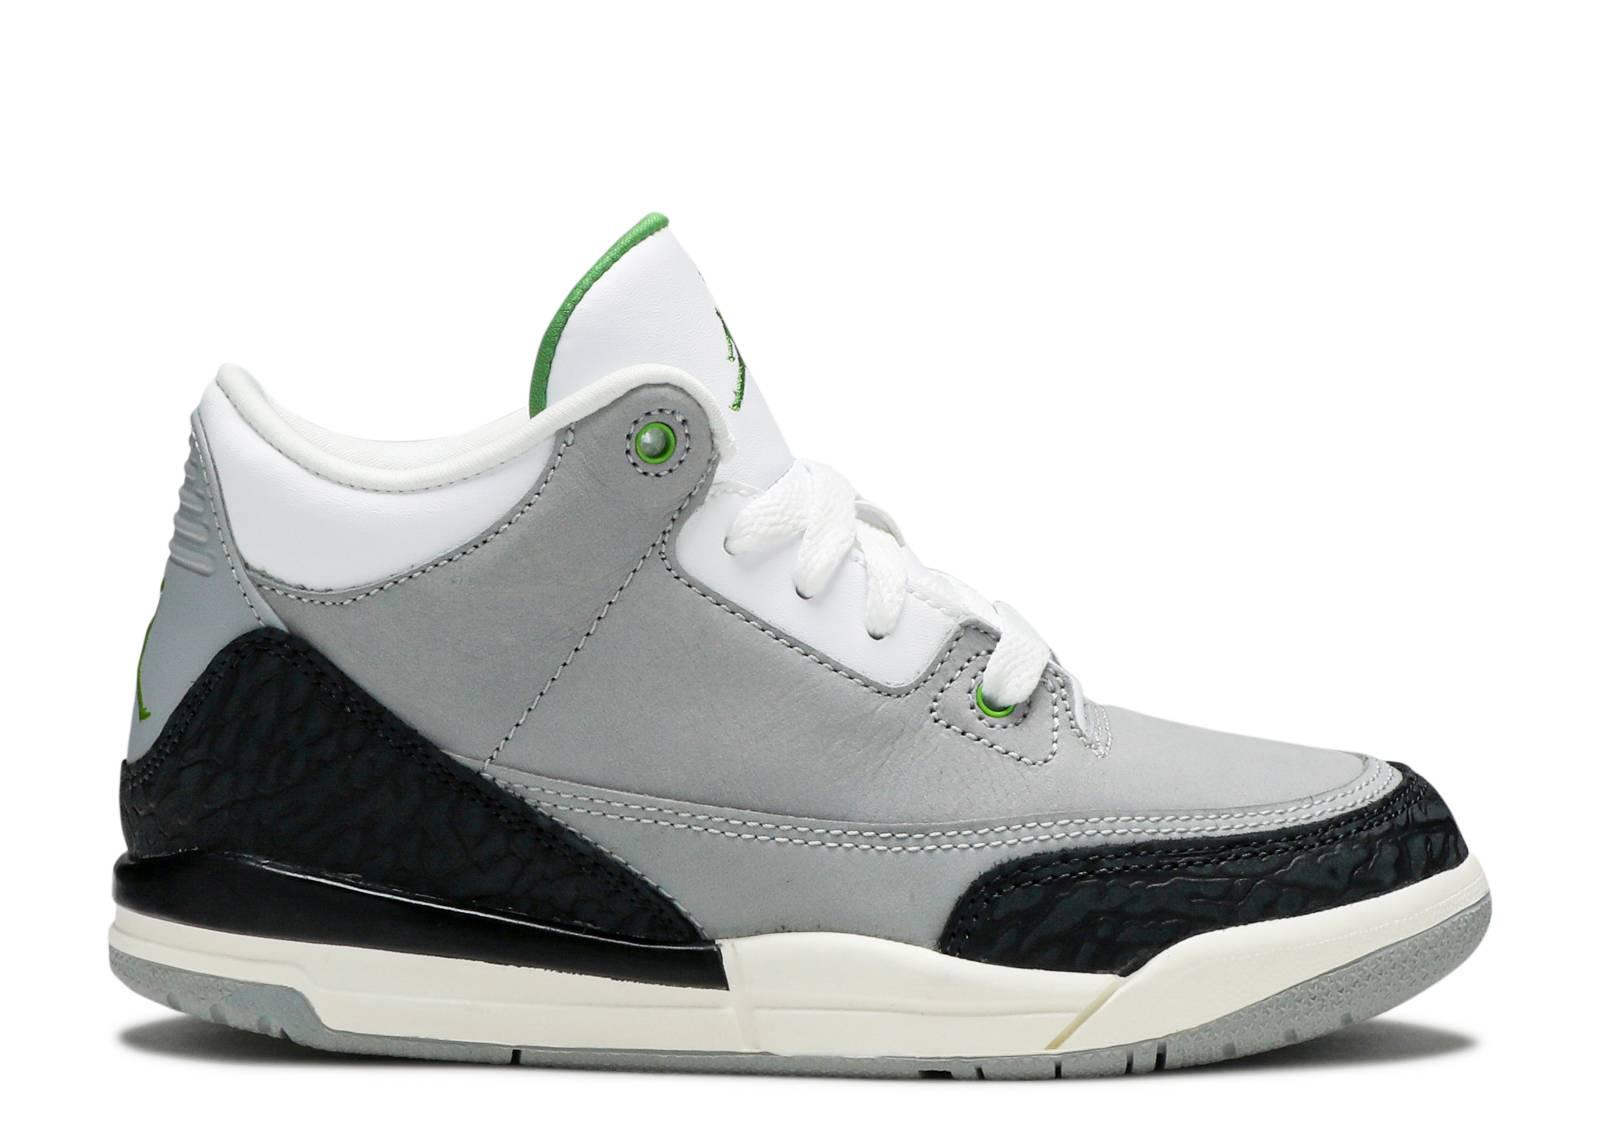 9af557574d02a9 Jordan 3 Retro